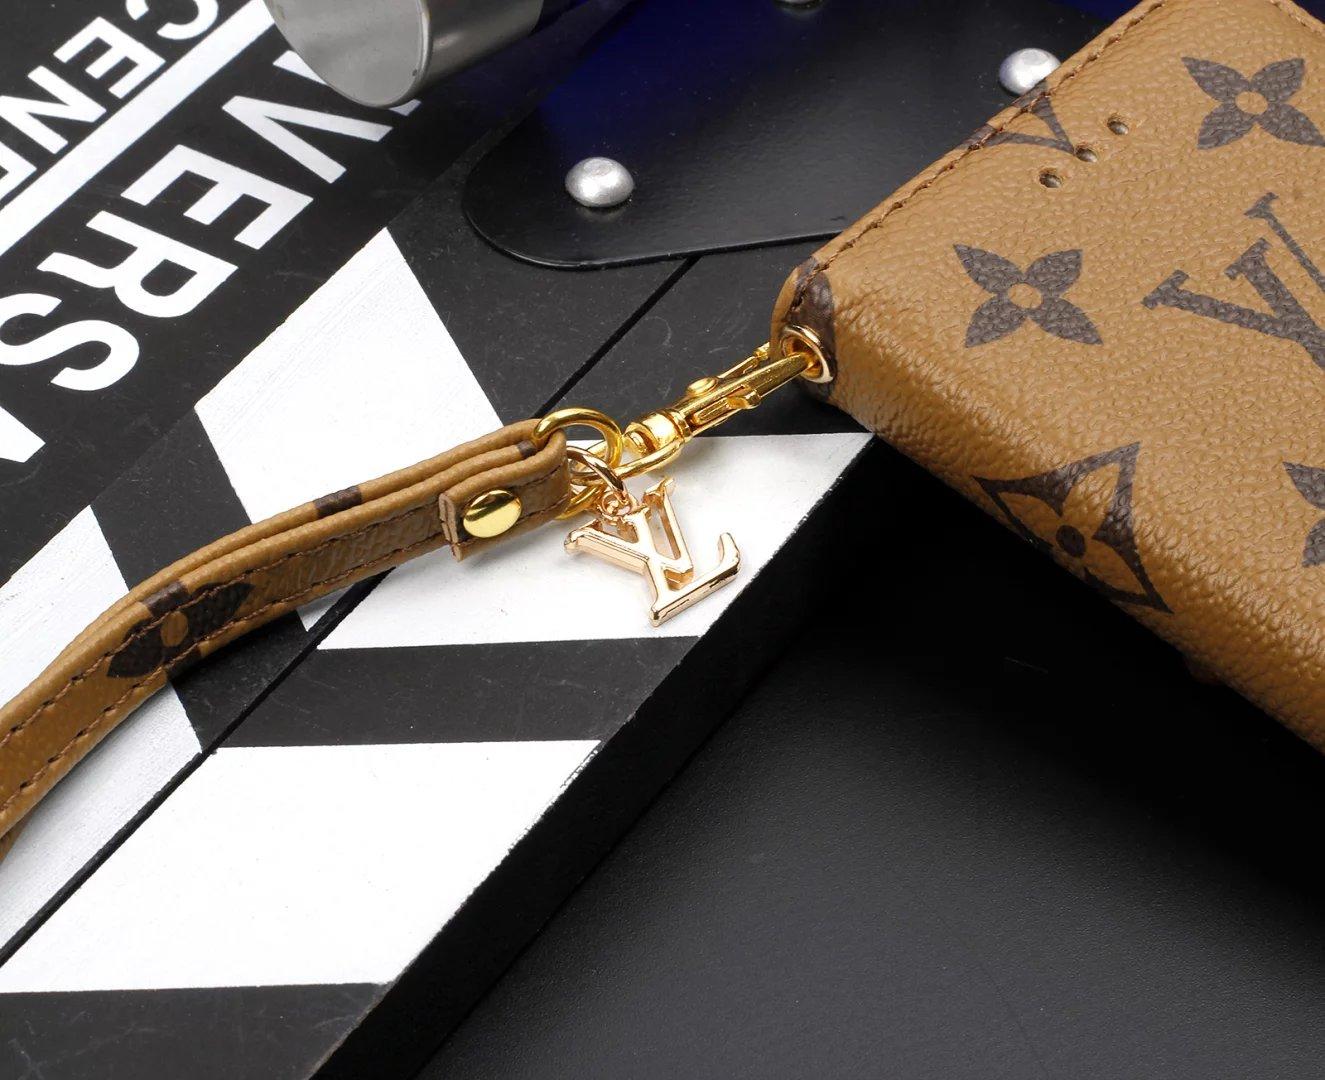 eigene iphone hülle iphone case erstellen Louis Vuitton iphone6s hülle handyhülle samsung galaxy s3 6slbst gestalten eigenes foto auf handyhülle iphone 6s lederhülle htc handyhülle 6slbst gestalten iphone 6 bildschirm cover handy 6slbst gestalten